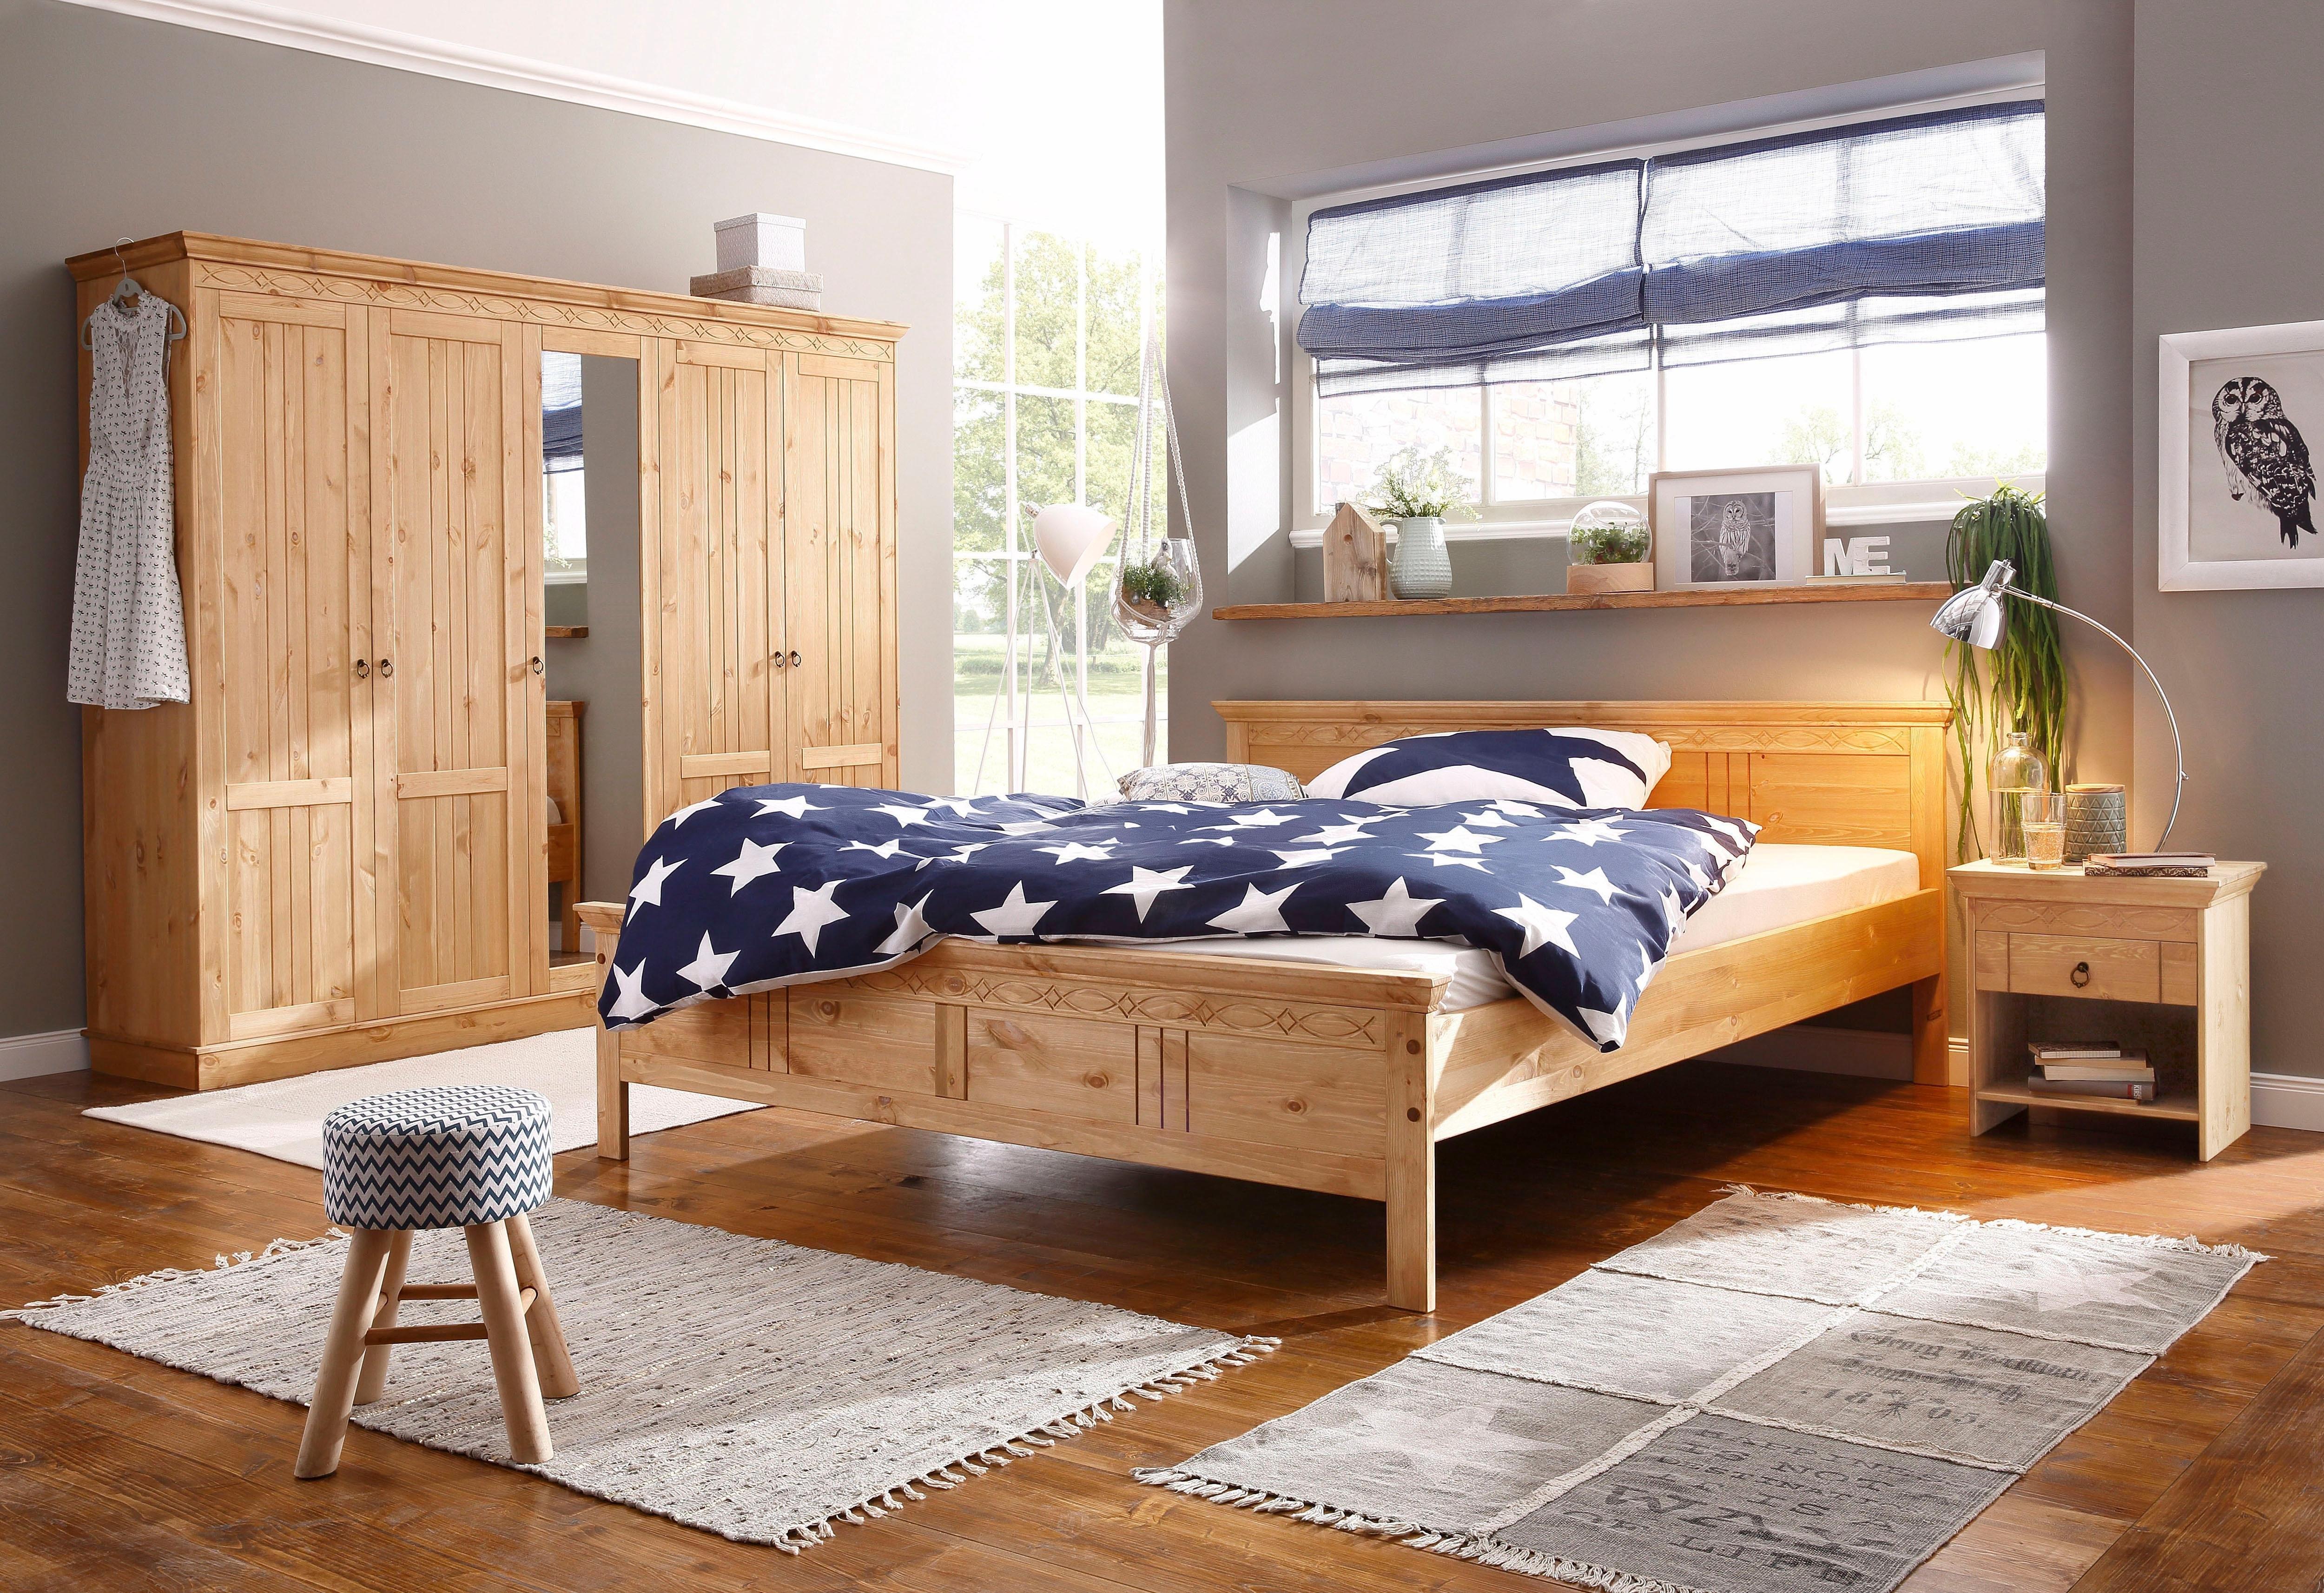 Home affaire slaapkamerserie bestaand uit bed van 180 cm, 5-deurs kast en 2 nachtkastjes (set, 4 stuks) online kopen op otto.nl